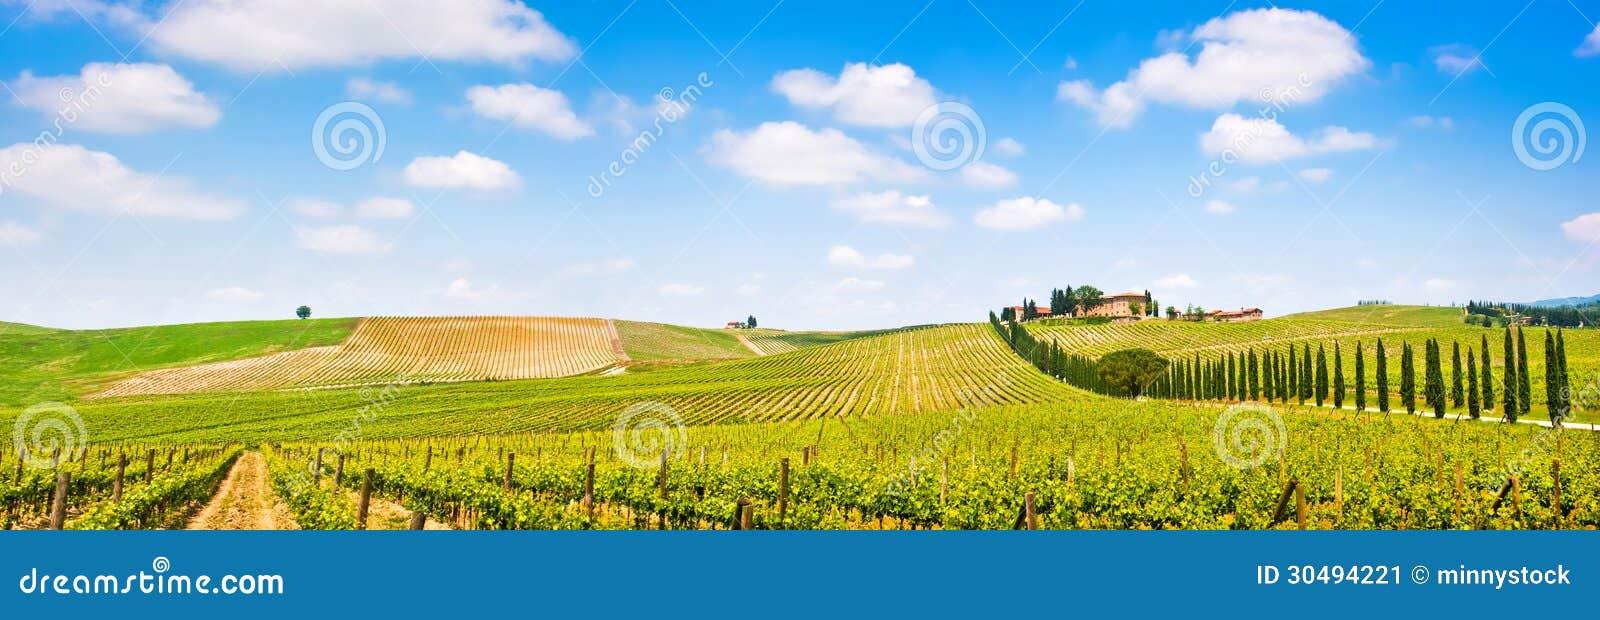 Panorama de paysage de la Toscane avec le vignoble dans la région de chianti, Toscane, Italie